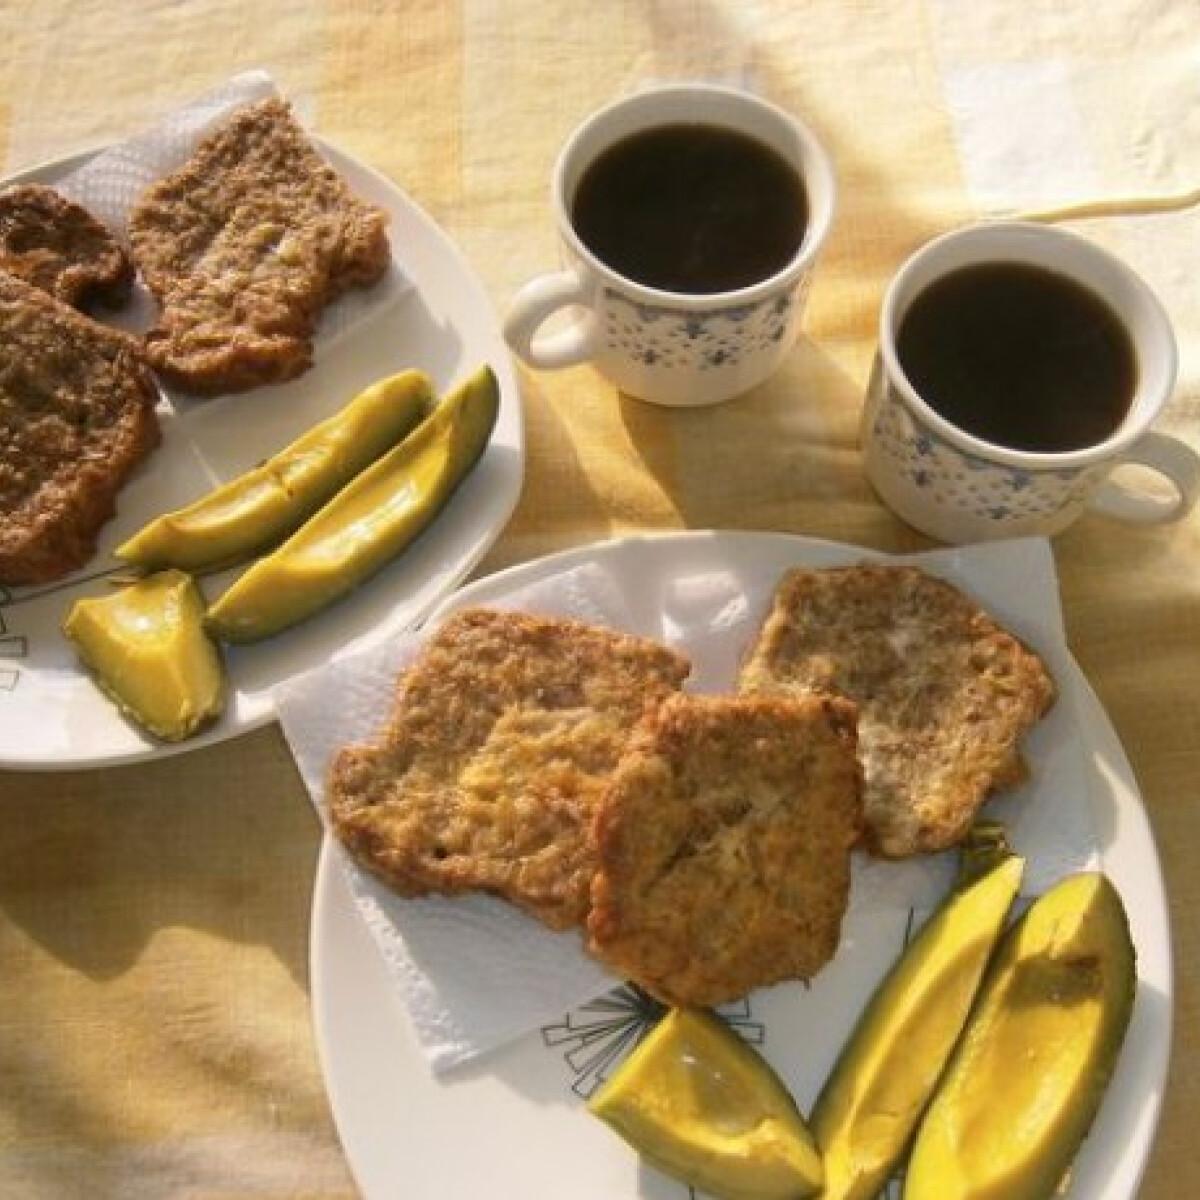 Fitness bundás kenyér avokádóval és kávéval